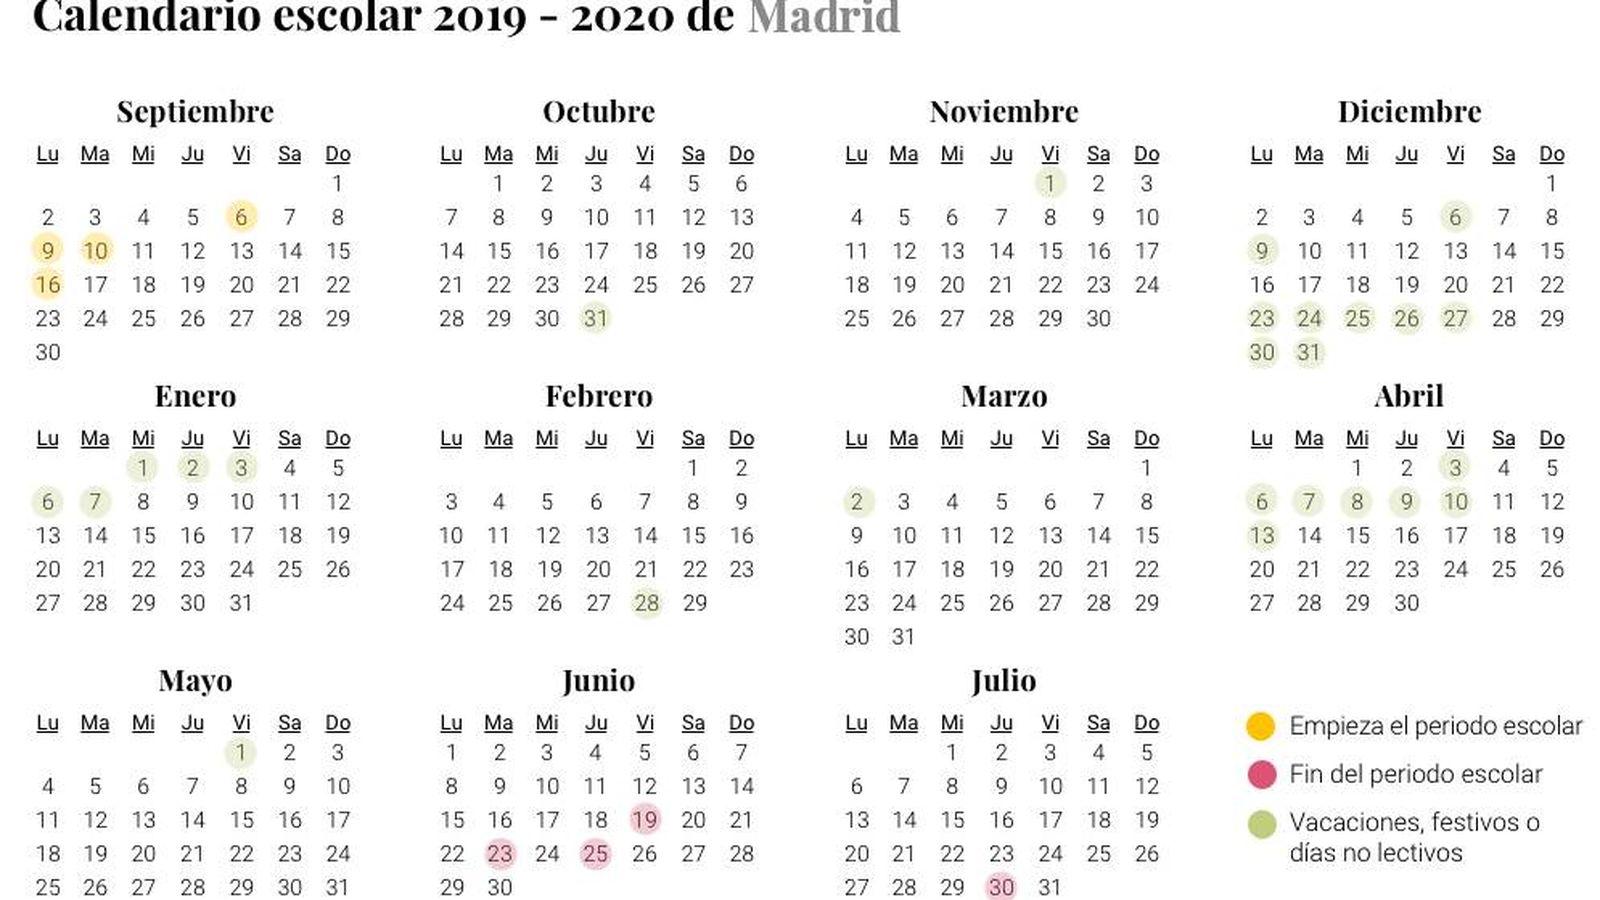 Calendario Ebau 2020 Madrid.Calendario Escolar 2019 2020 Cuando Es La Vuelta Al Cole